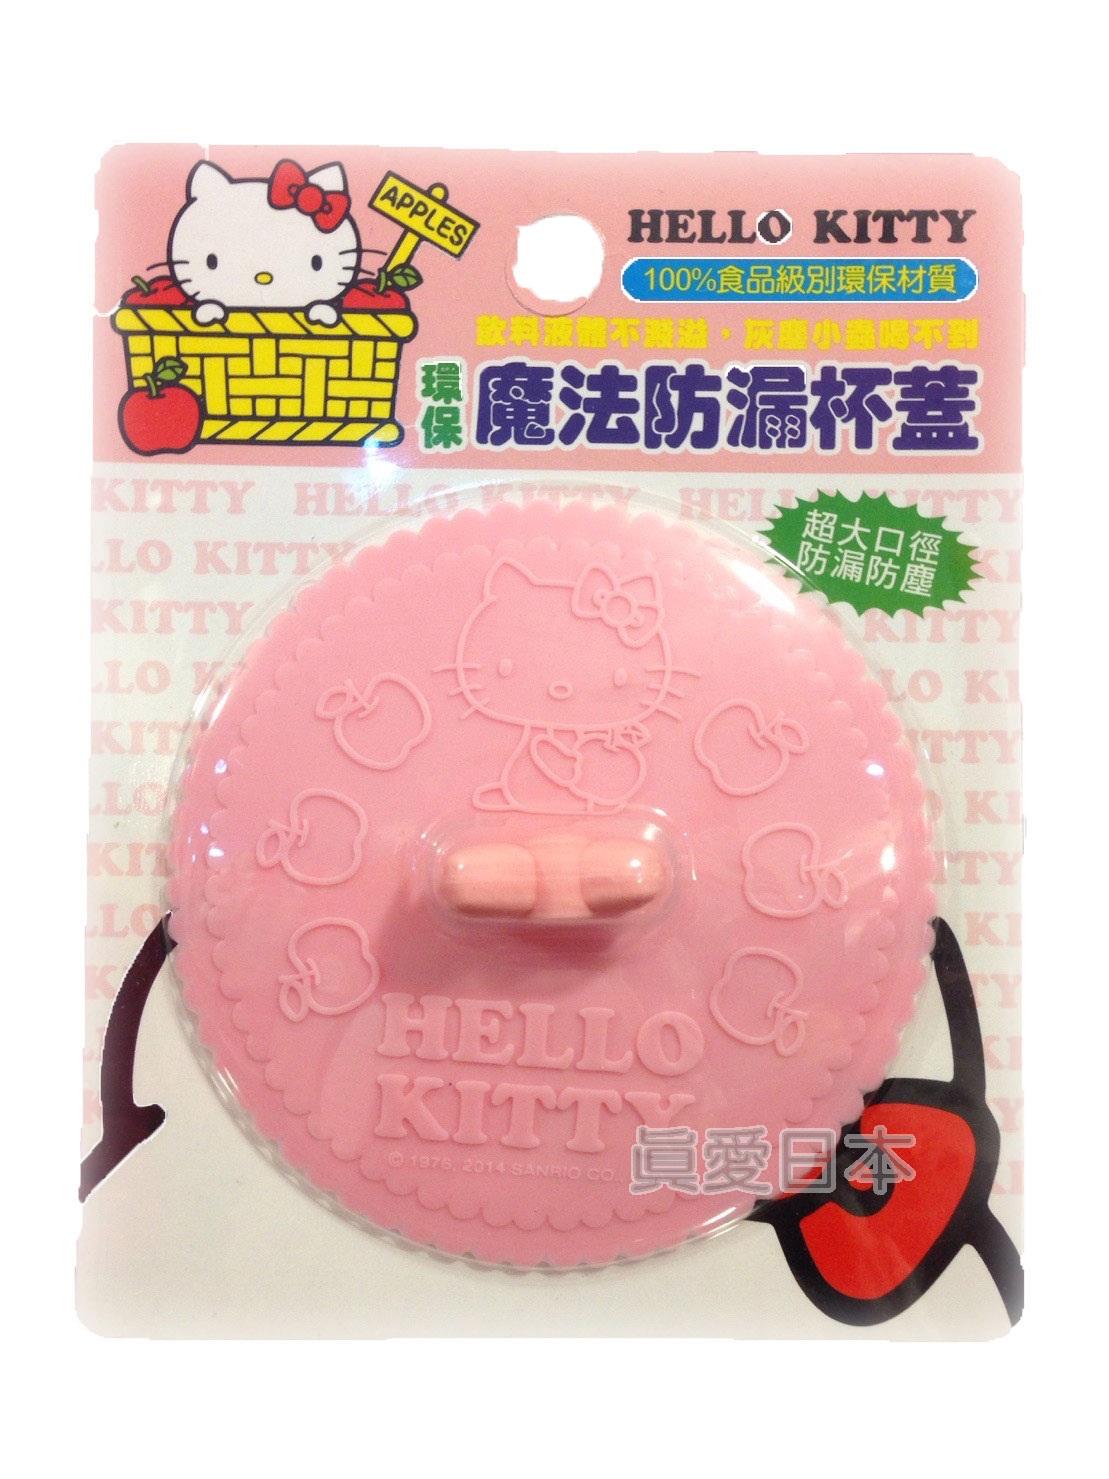 【真愛日本】16042100031 環保魔法防漏杯蓋-蘋果粉 KITTY 凱蒂貓 三麗鷗 杯蓋 矽膠杯蓋 生活用品